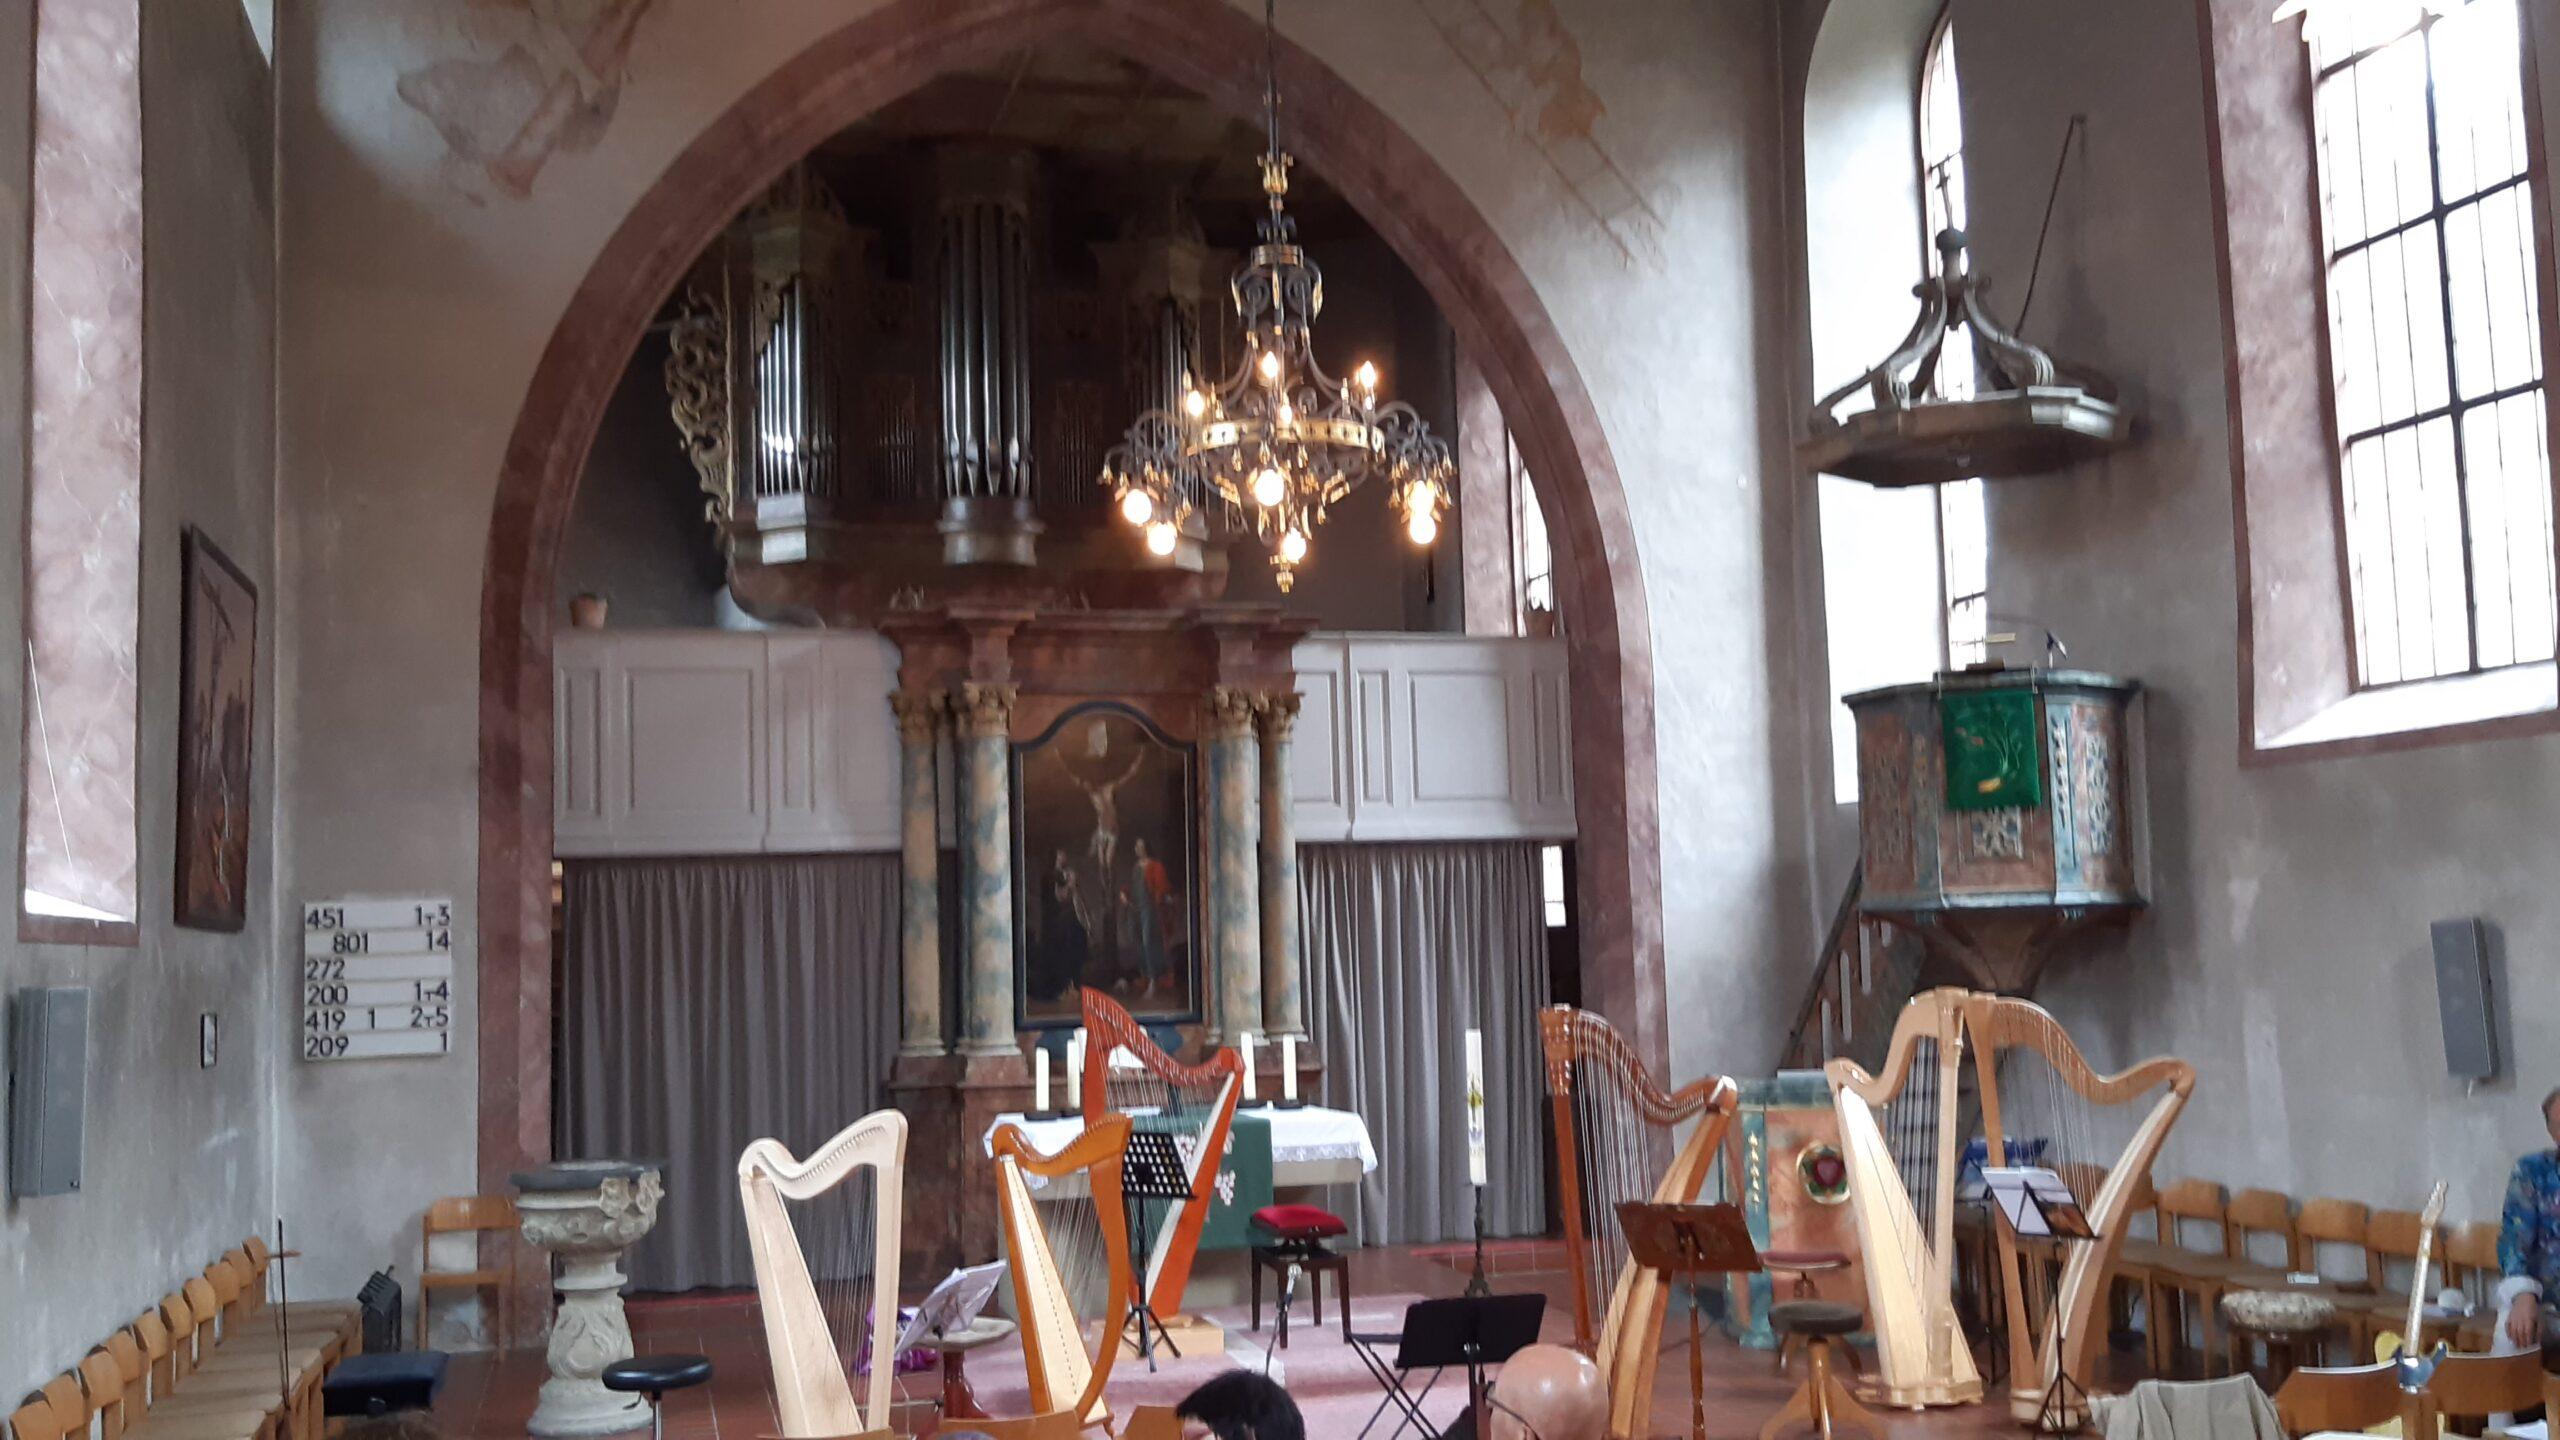 Schülerkonzert der Harfenklasse von Frau Julia Rosenberger in der St. Stephan Kirche Marktsteft